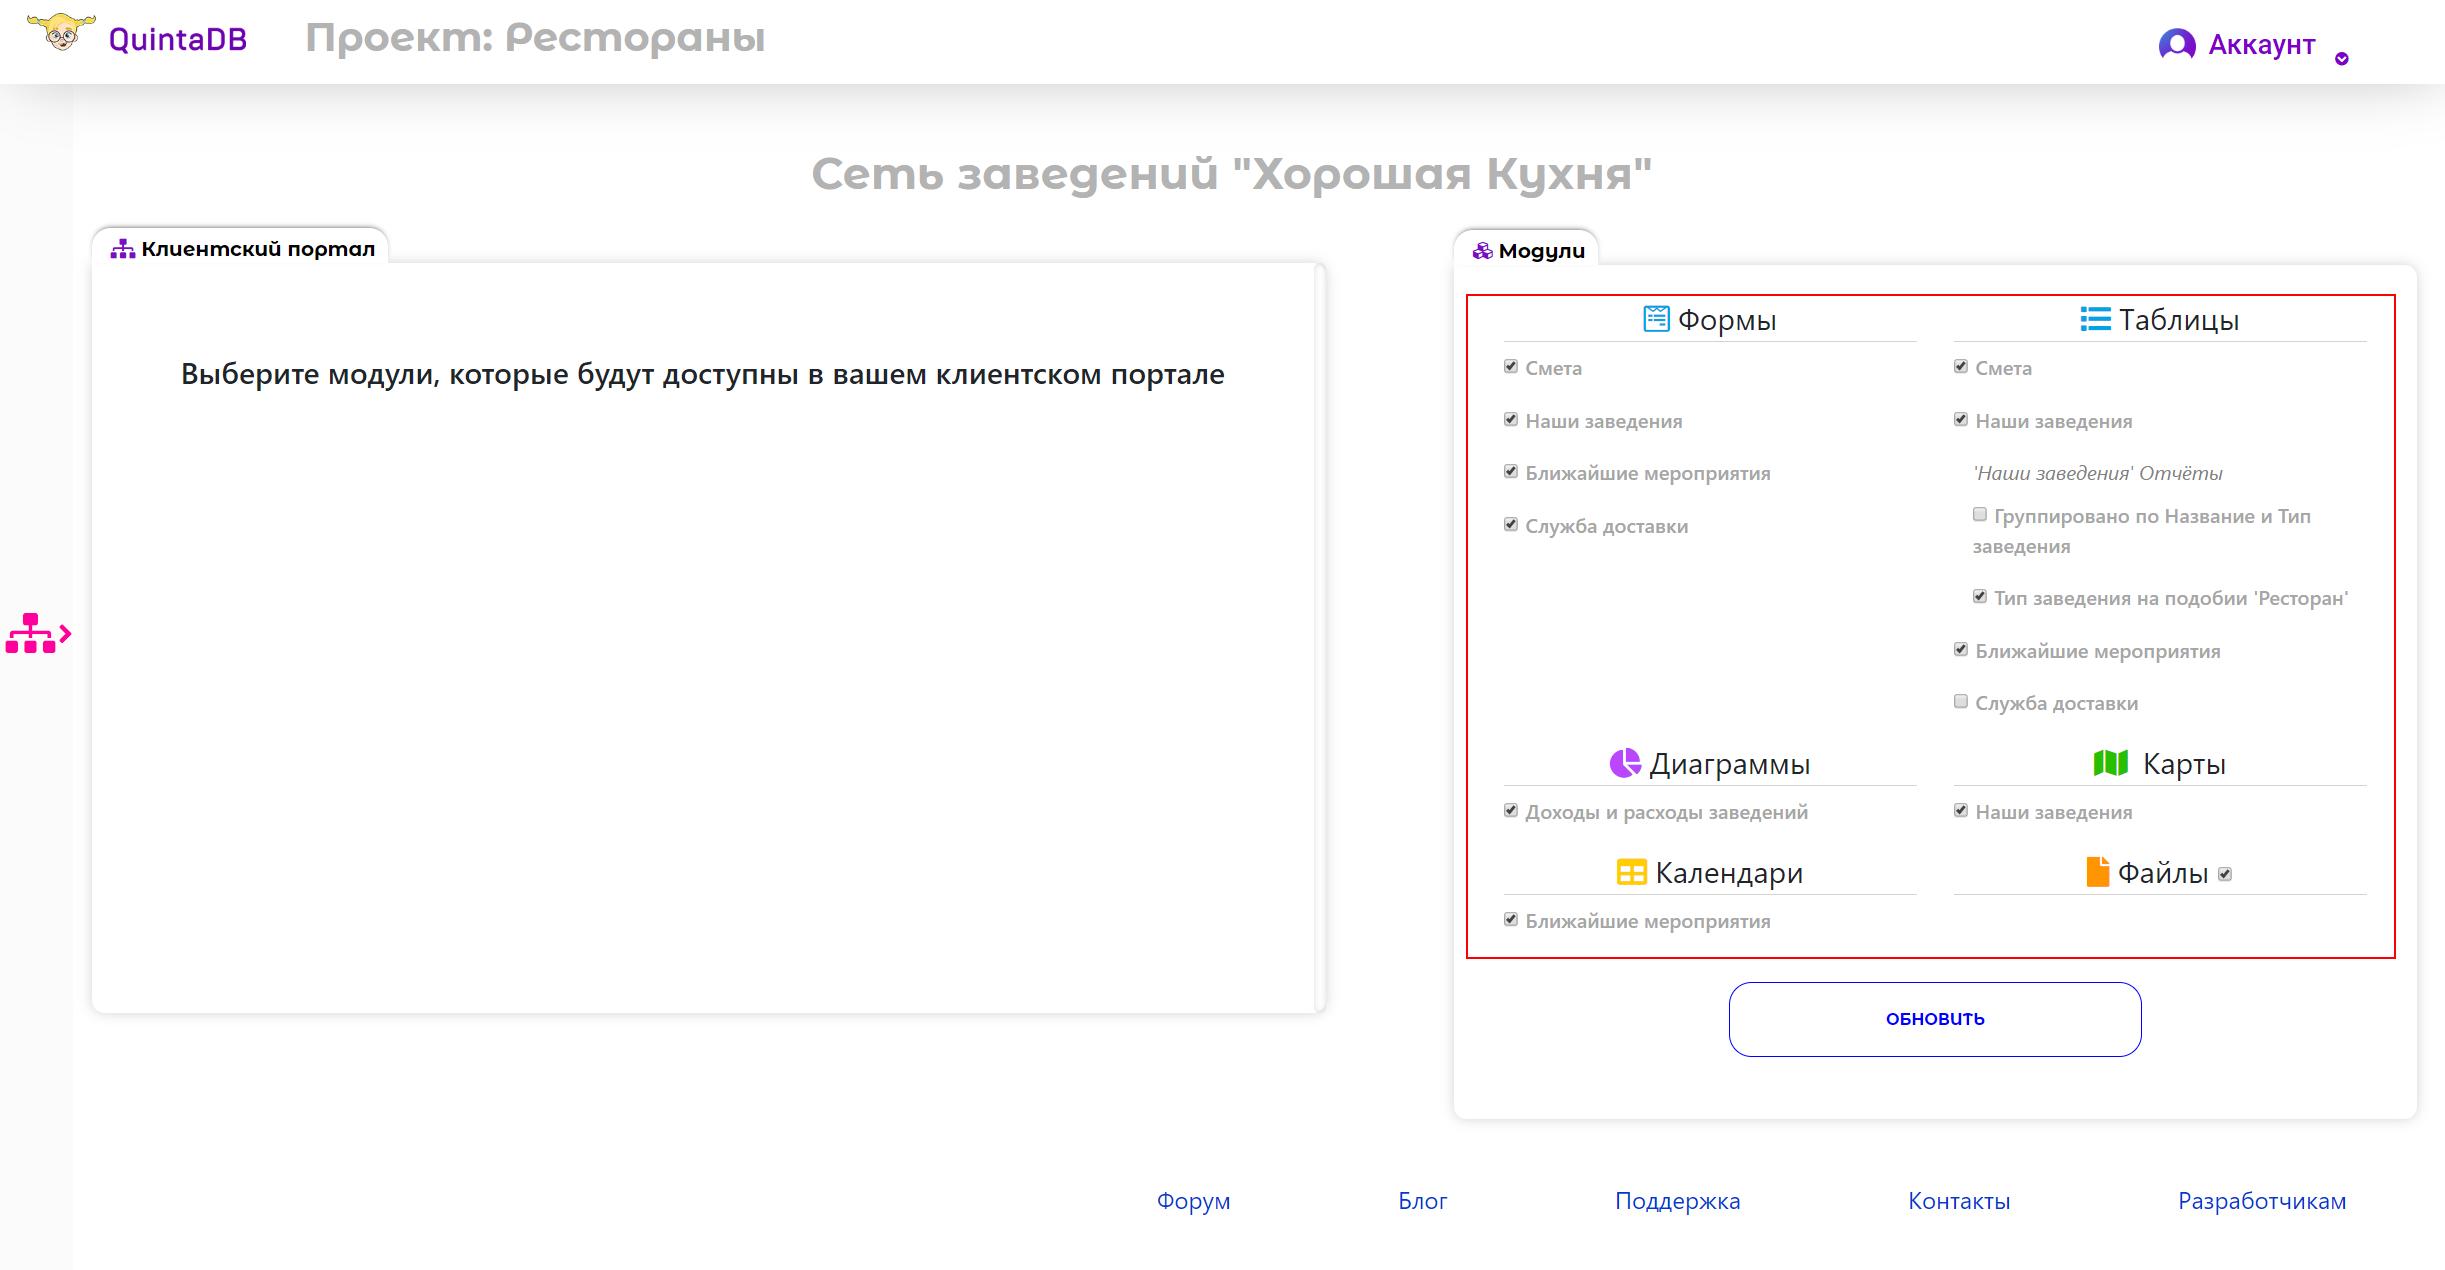 Выбор модулей, которые будут доступны в клиентском портале